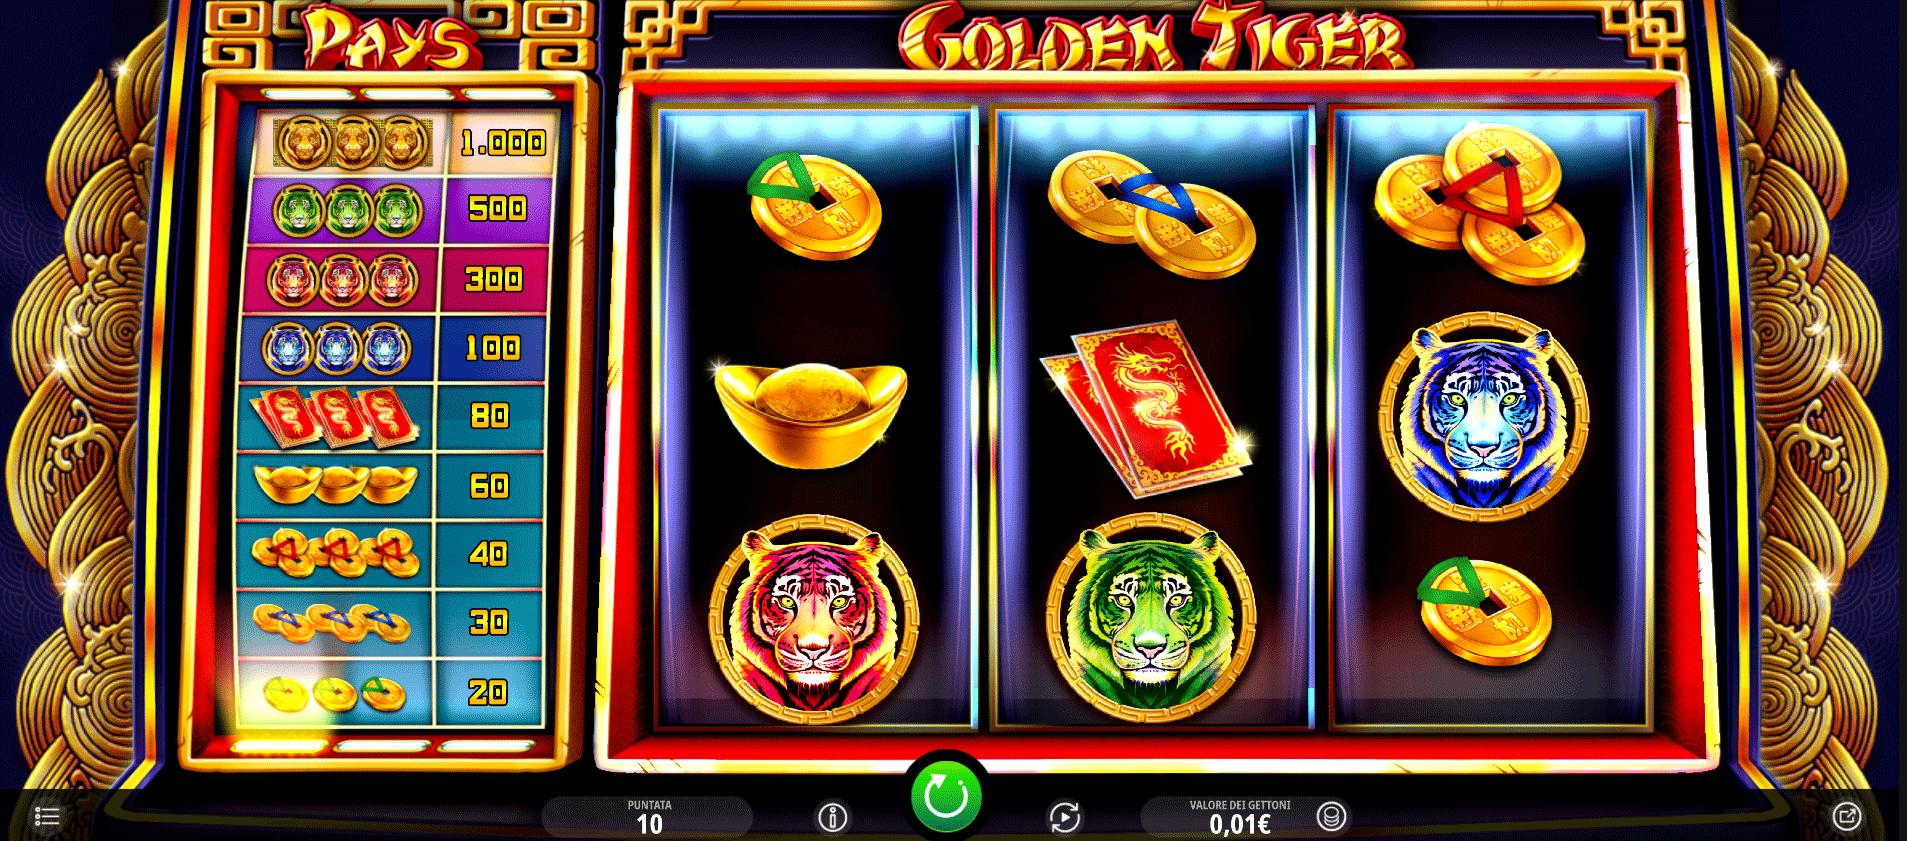 Slot Golden Tiger